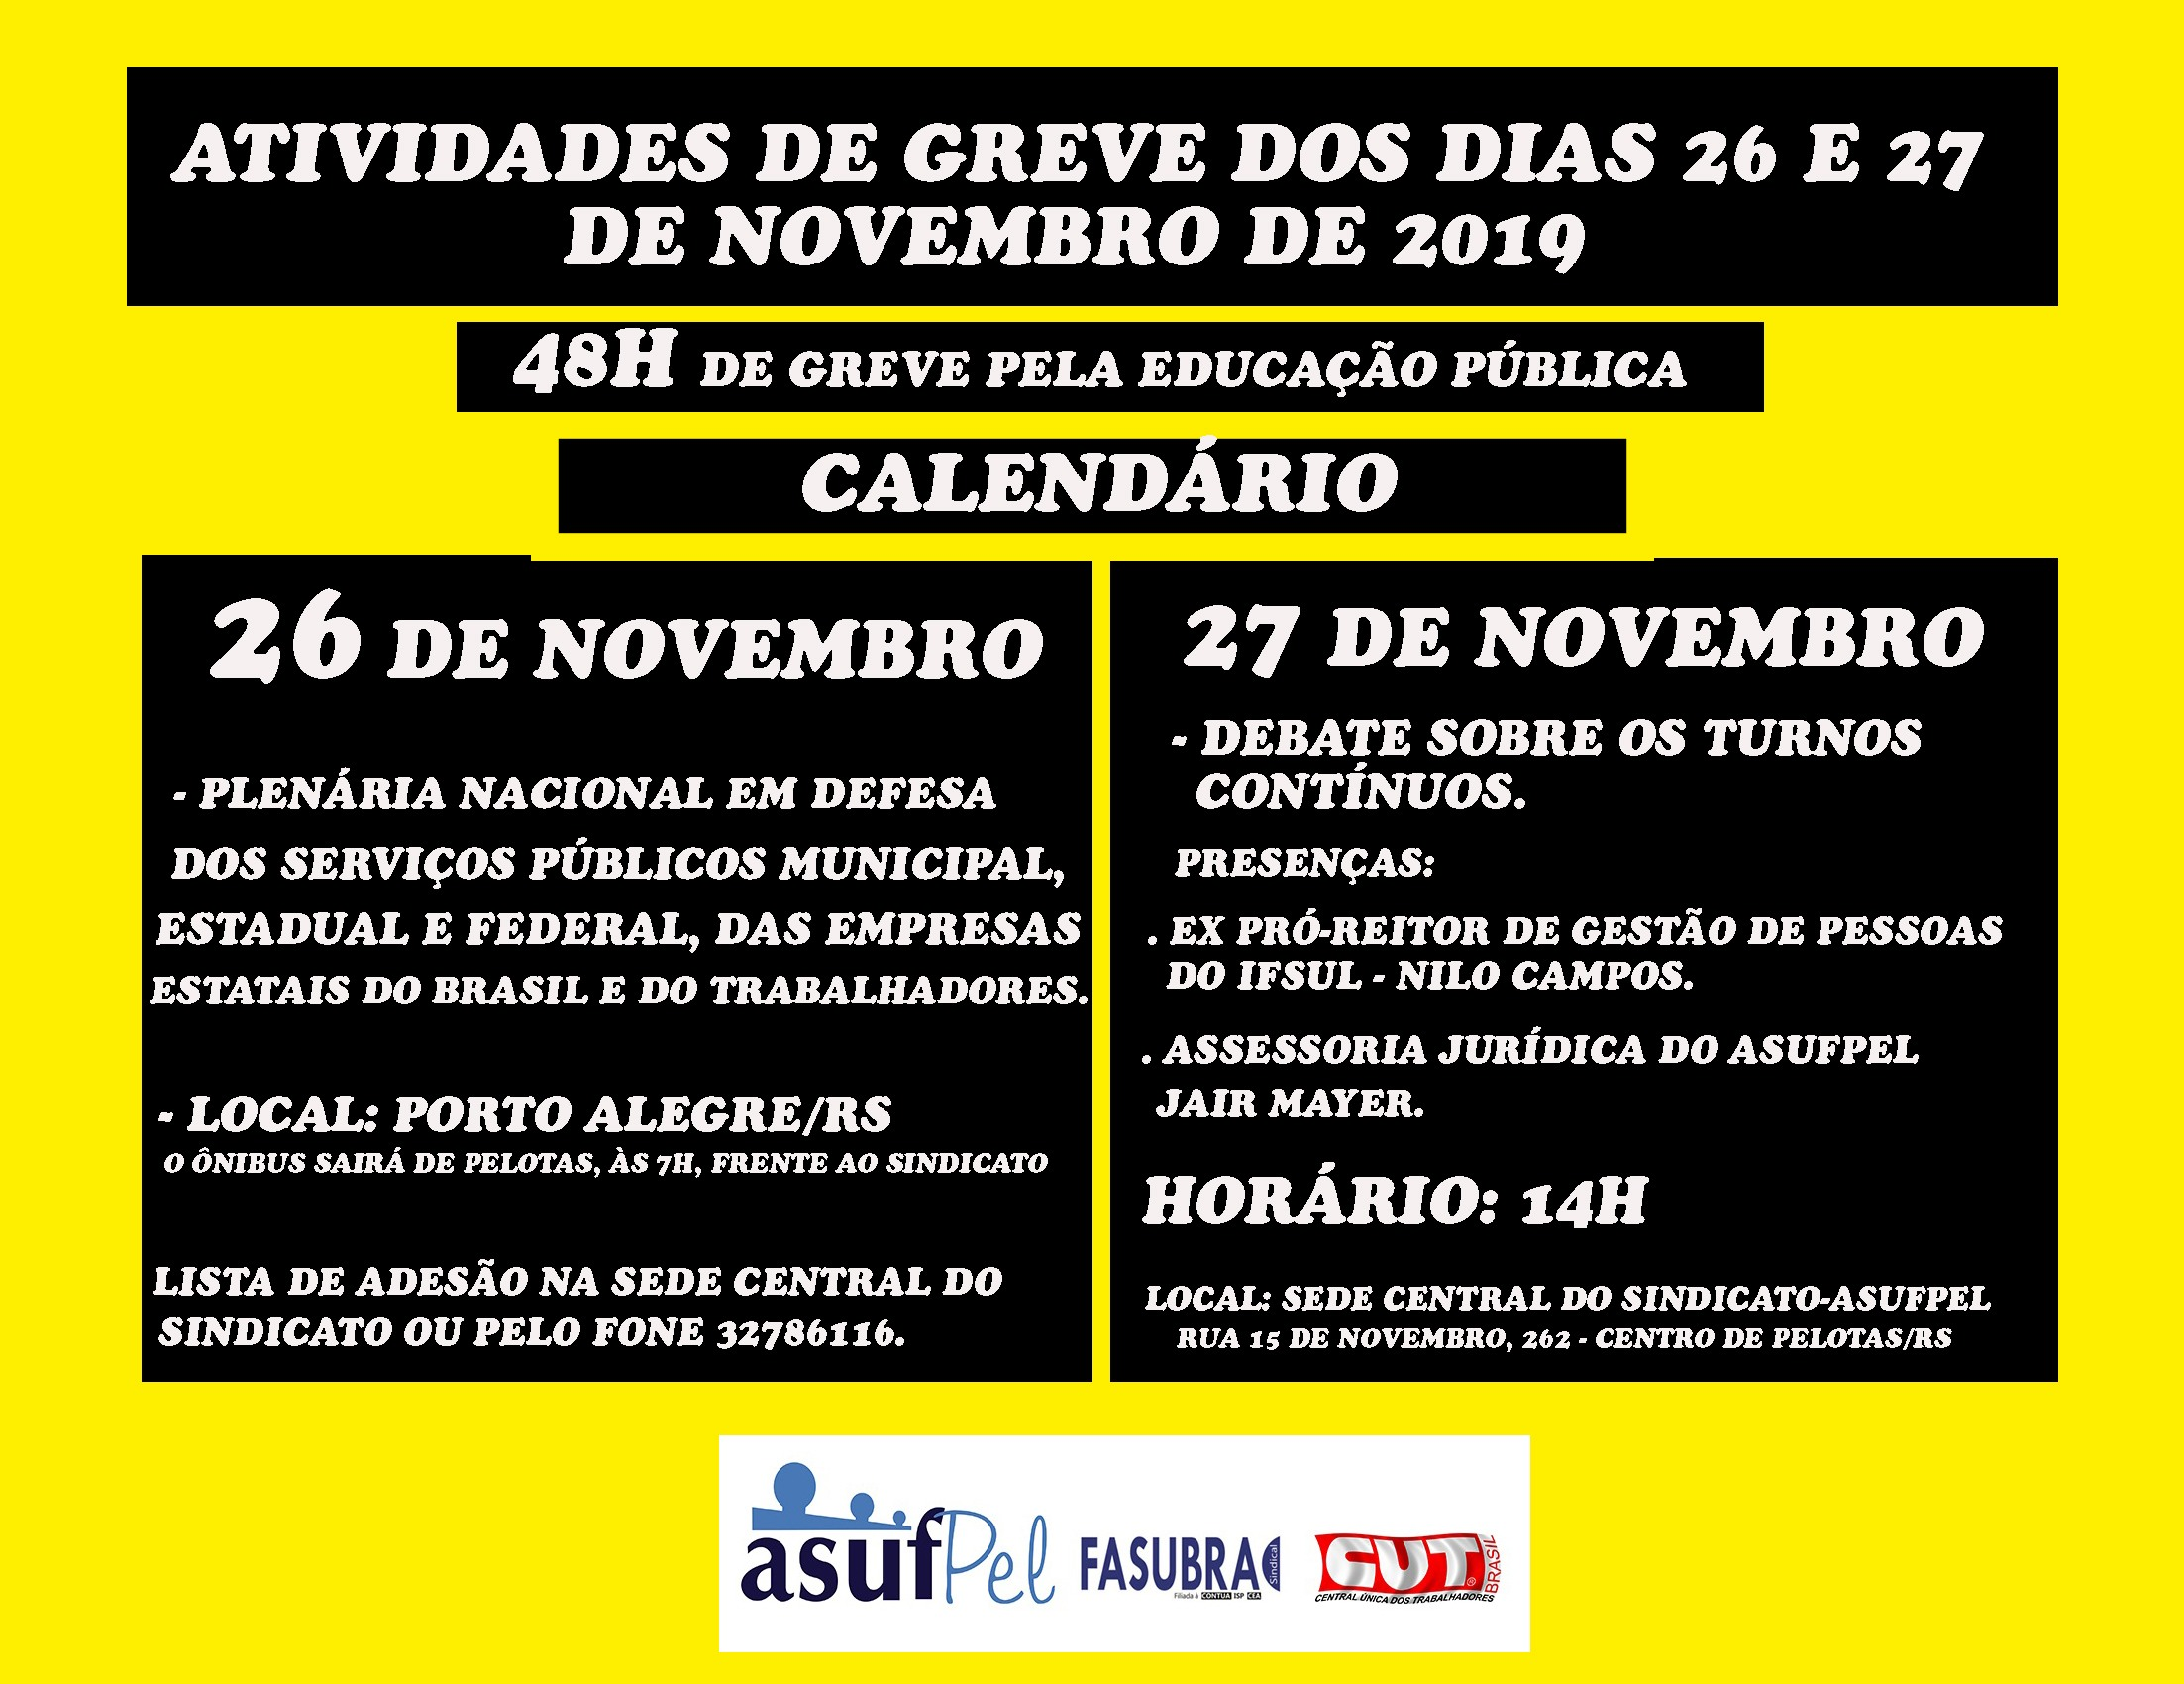 ATIVIDADE DE GREVE